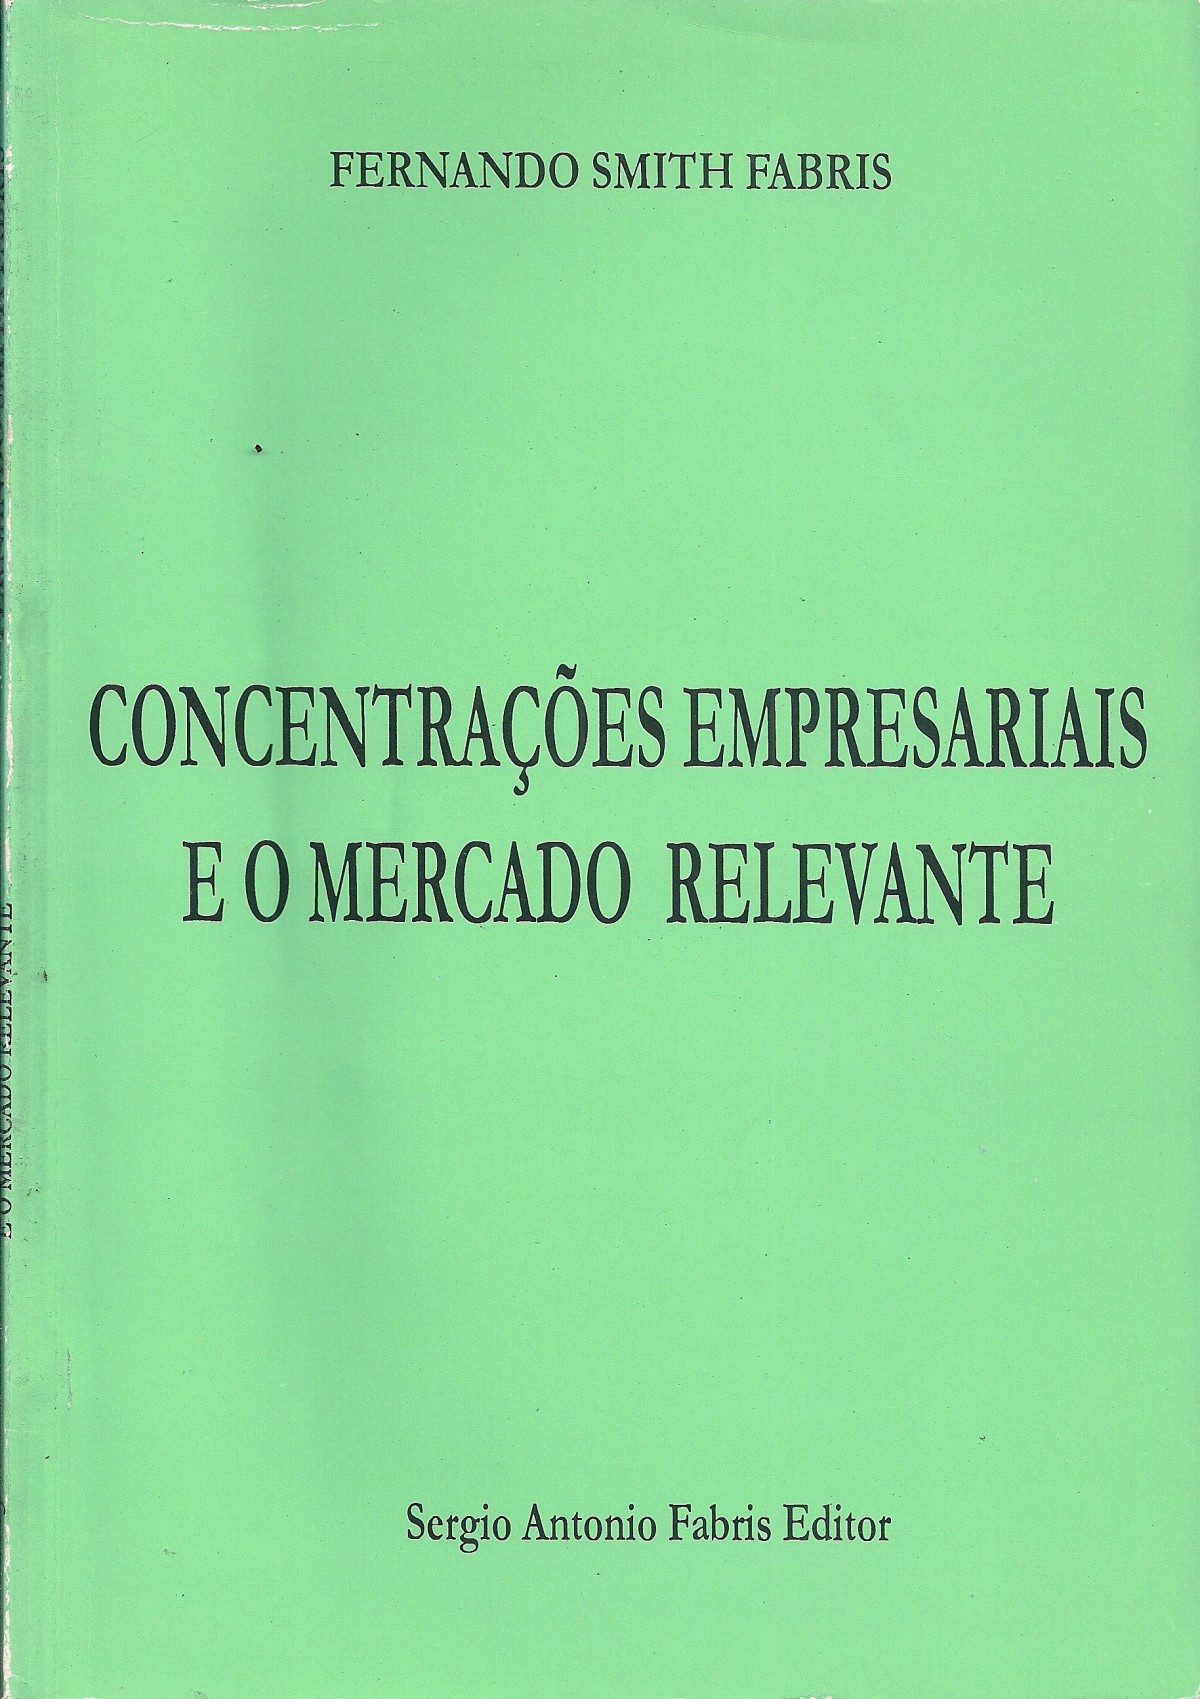 Foto 1 - Concentrações Empresariais e o Mercado Relevante